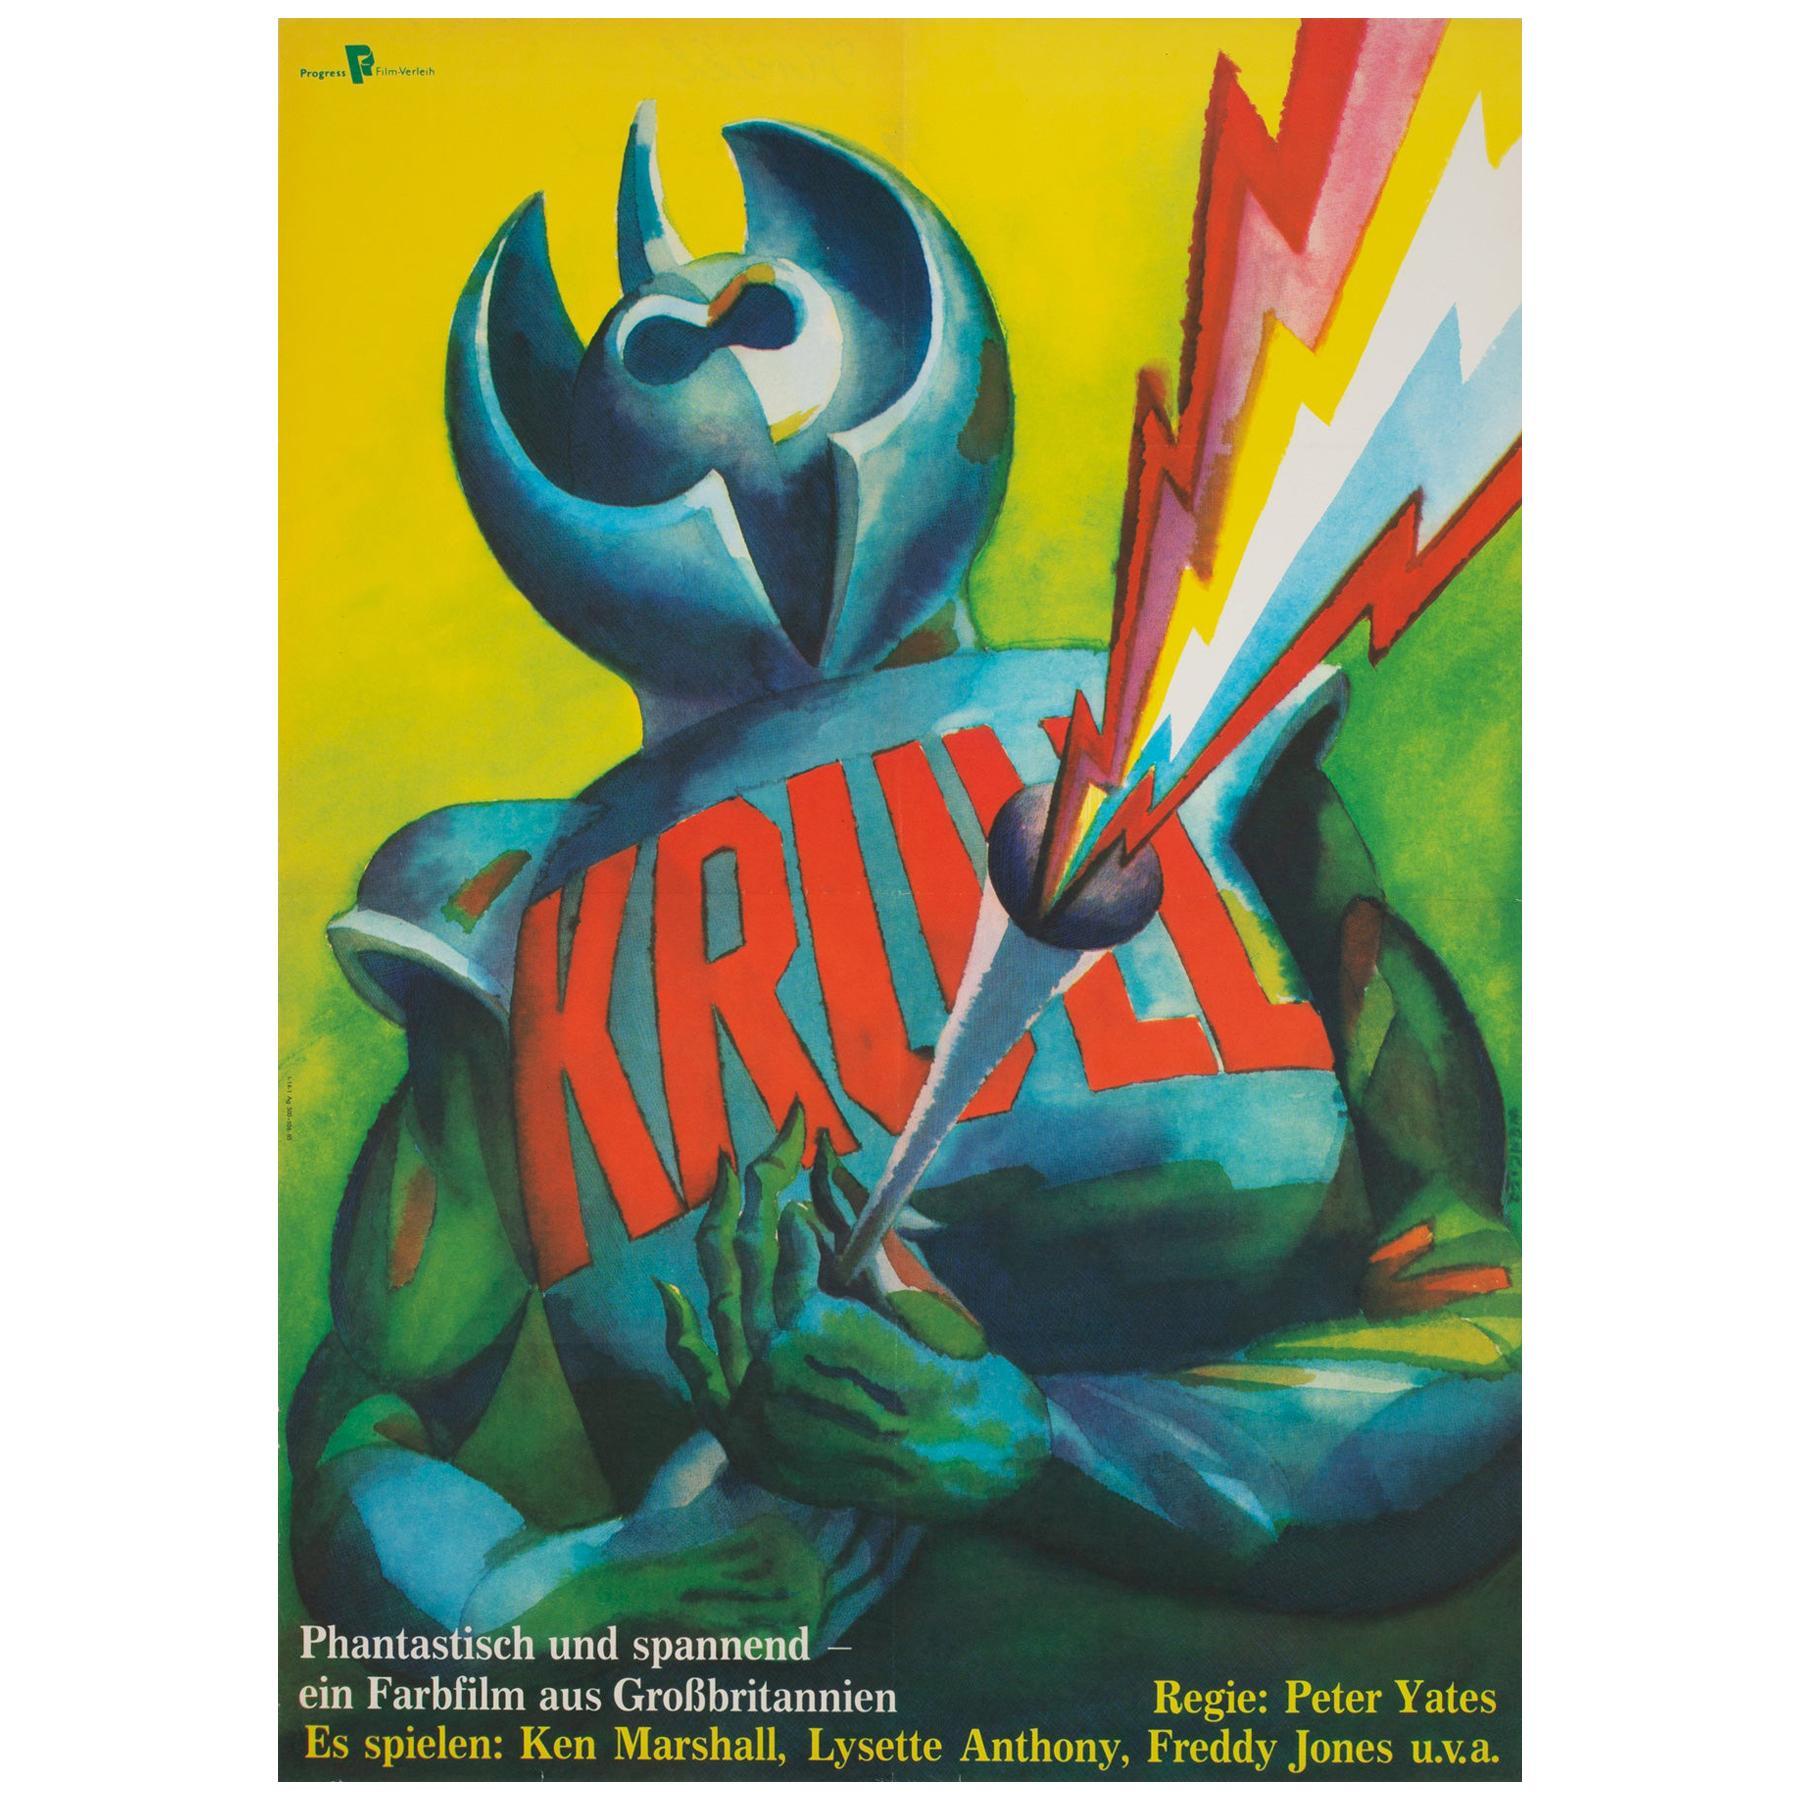 Krull 1985 East German Film Poster, Wengler